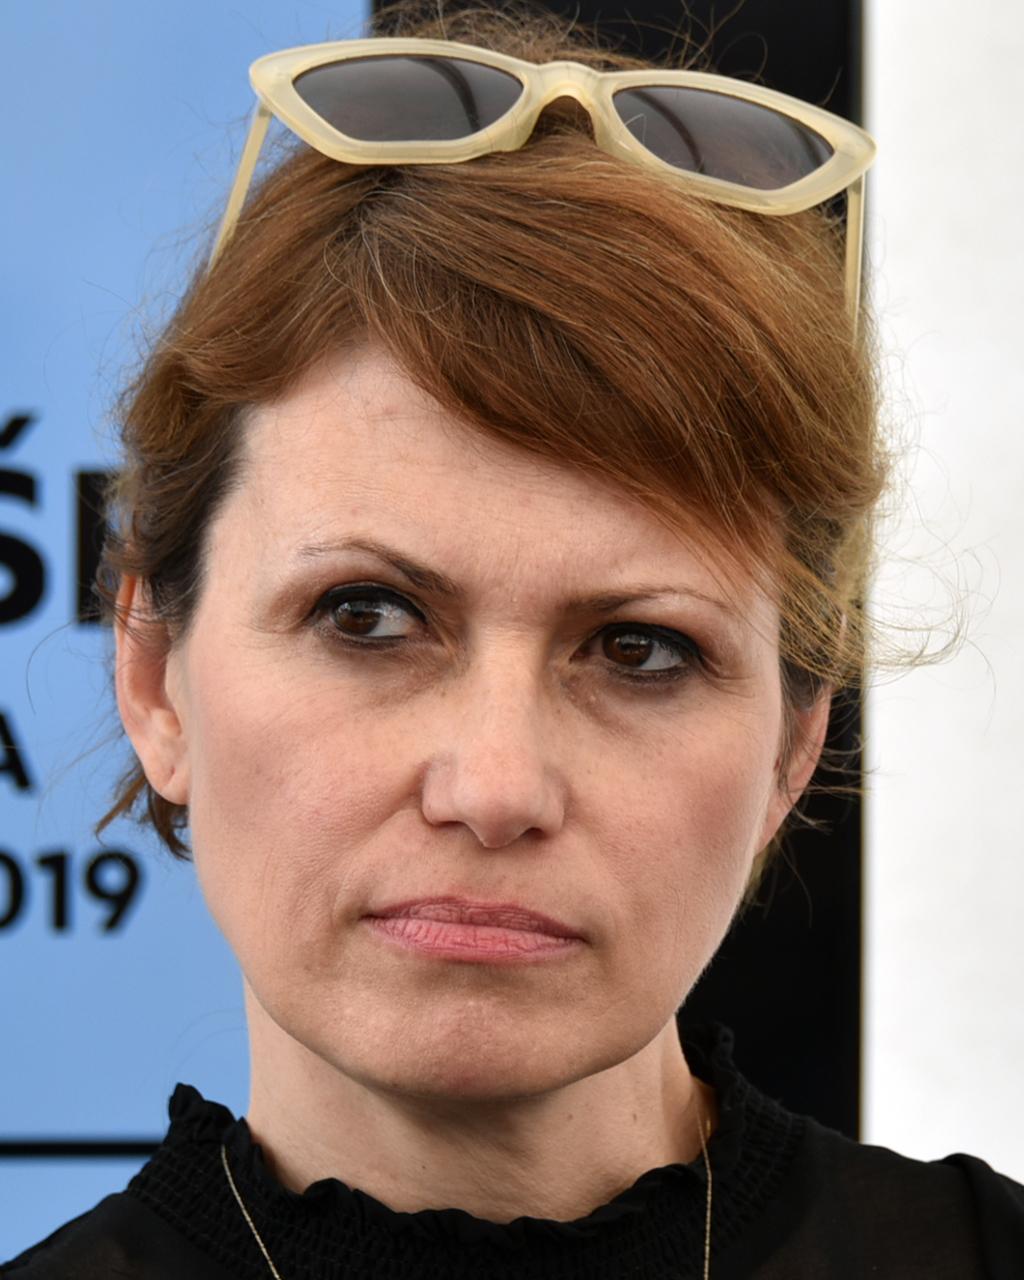 Bianca Bellová in 2019